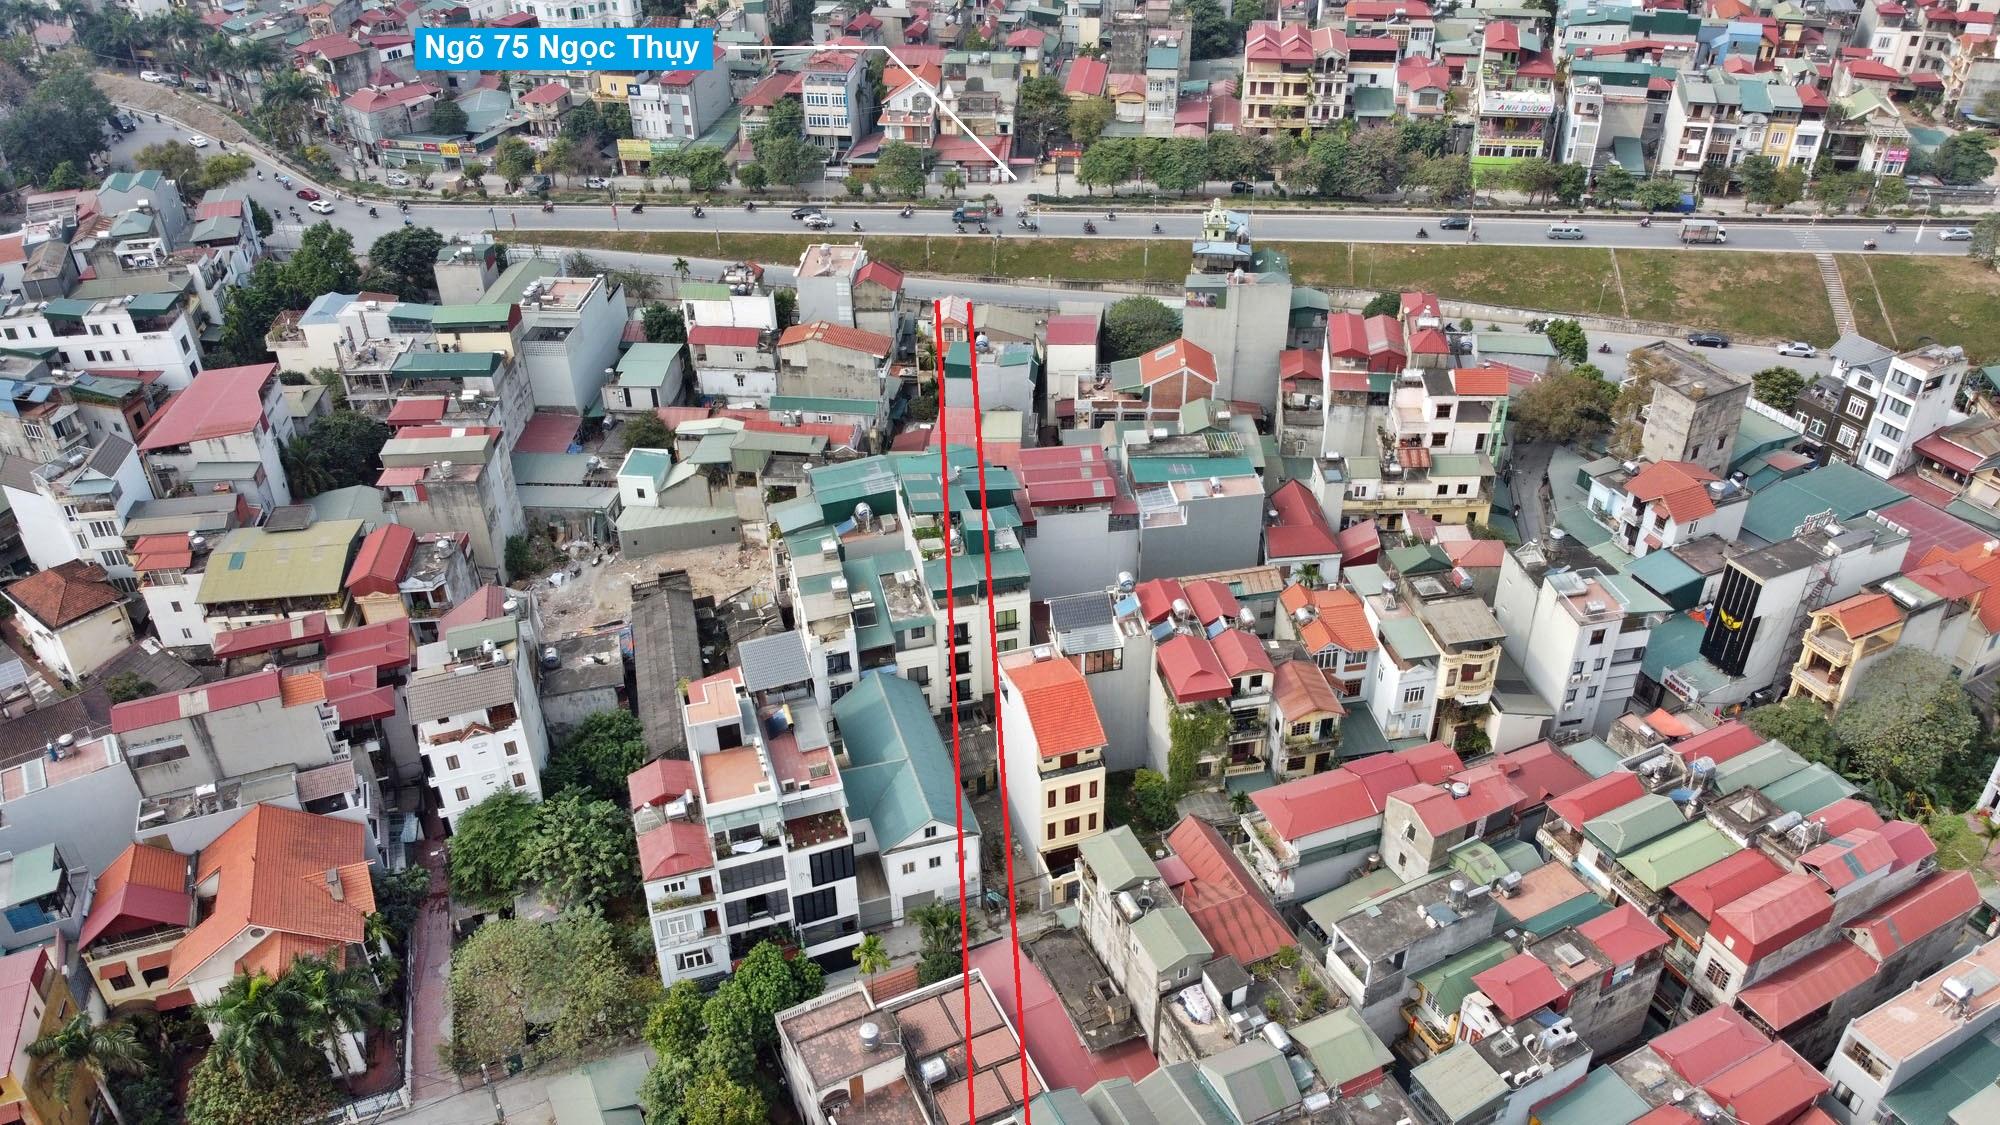 Ba đường mở theo qui hoạch ở phường Ngọc Thụy, Long Biên, Hà Nội (phần 2) - Ảnh 3.